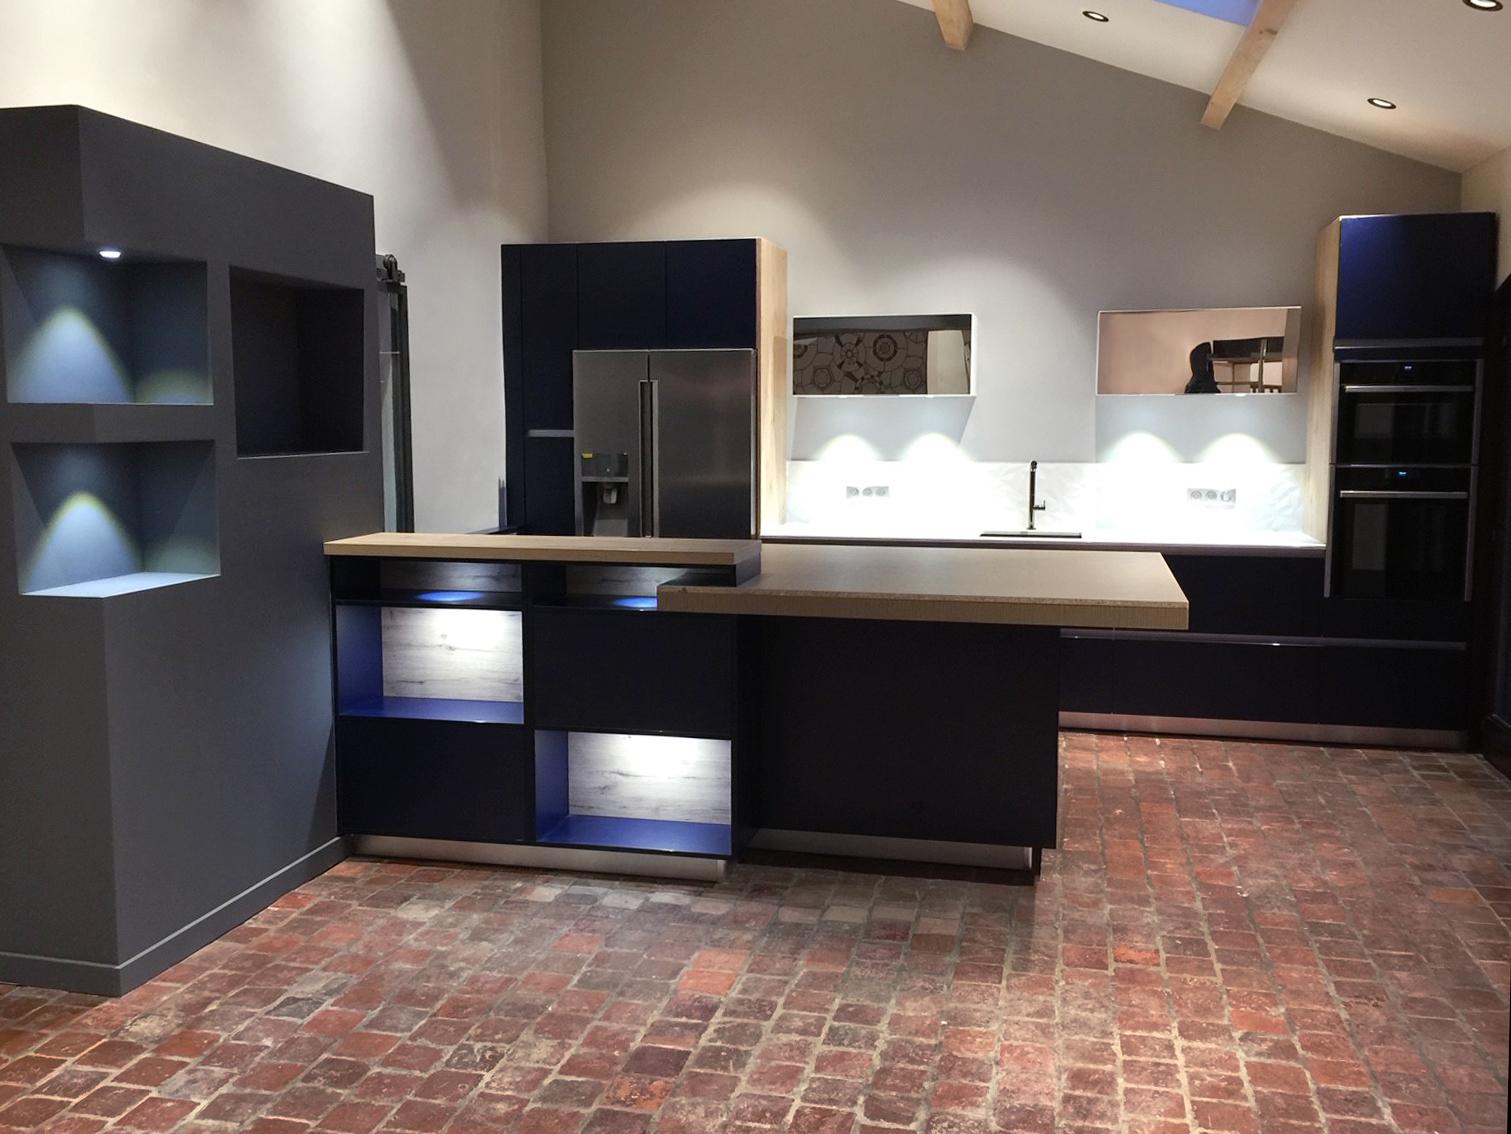 Cuisine sur mesure bleu et bois Cuisines Macedo Kocher - Vendeur et installateur de cuisines, dressings, salles de bain sur Metz